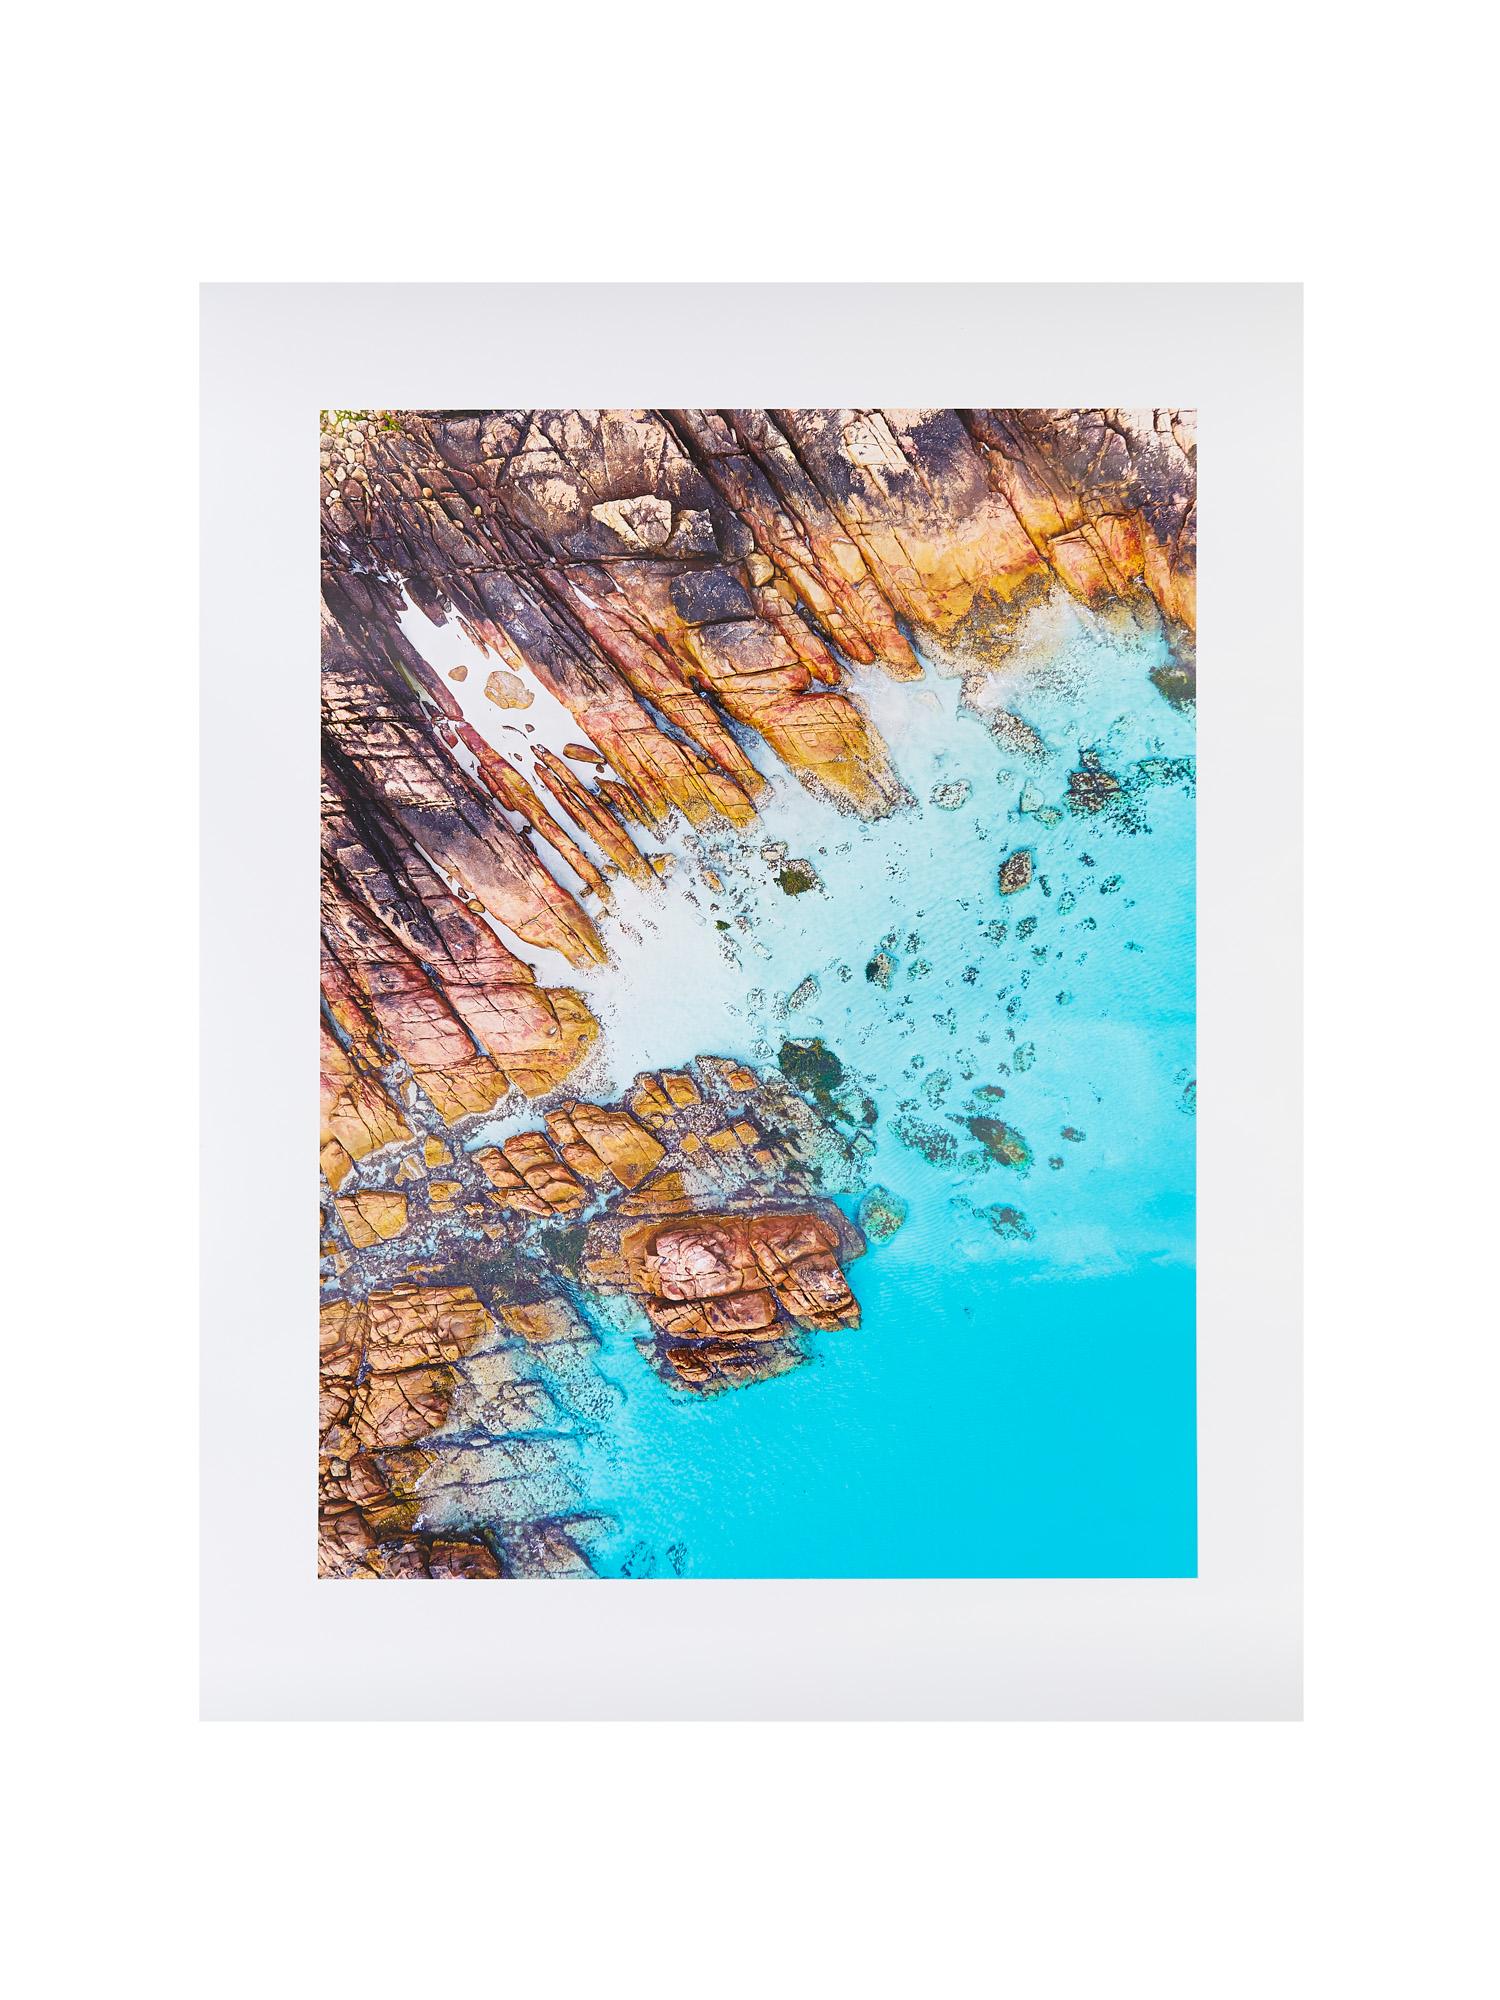 Salty Prints-217.jpg